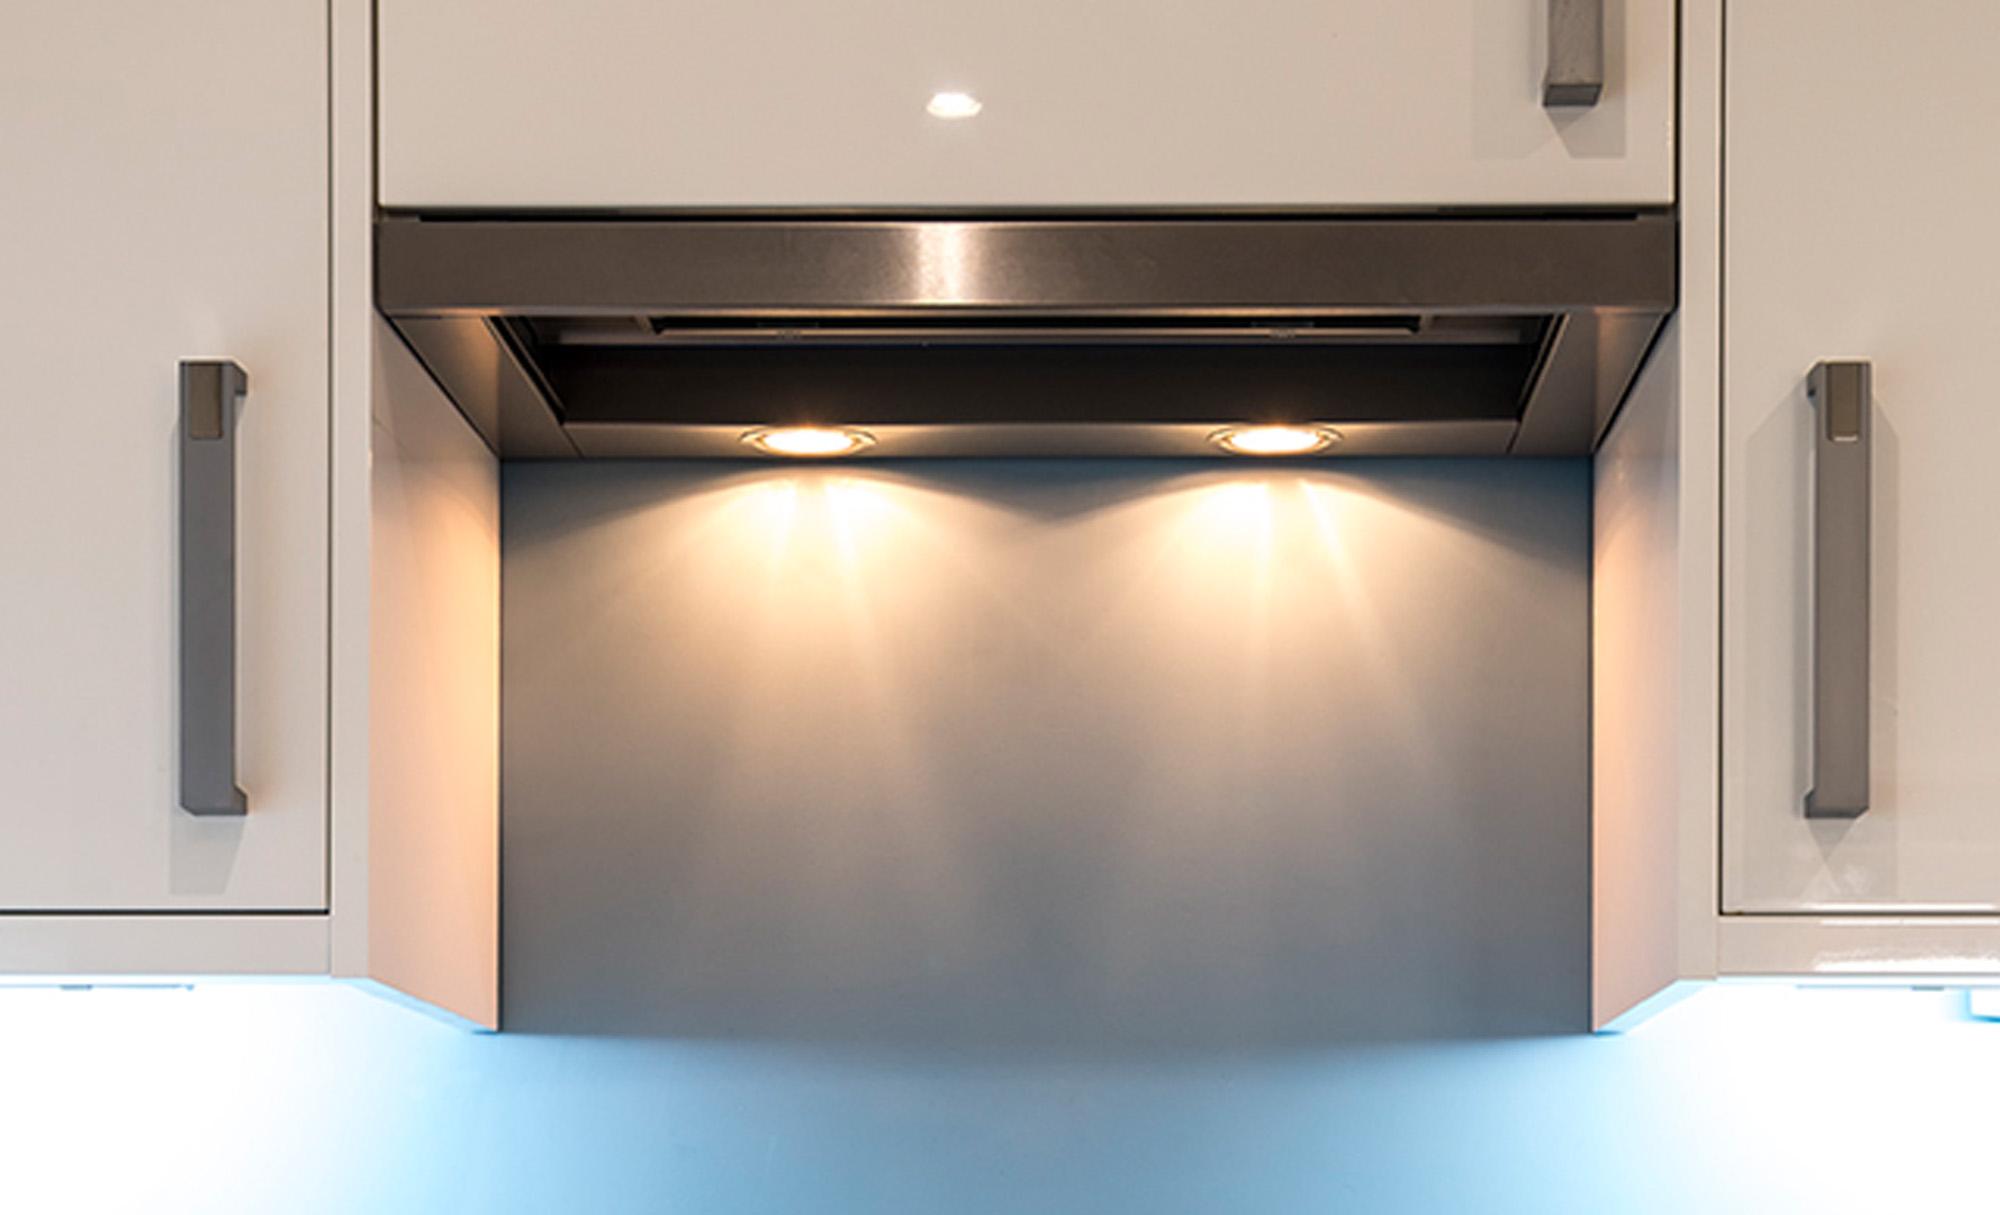 zola-white-gloss-hob-kitchenstori